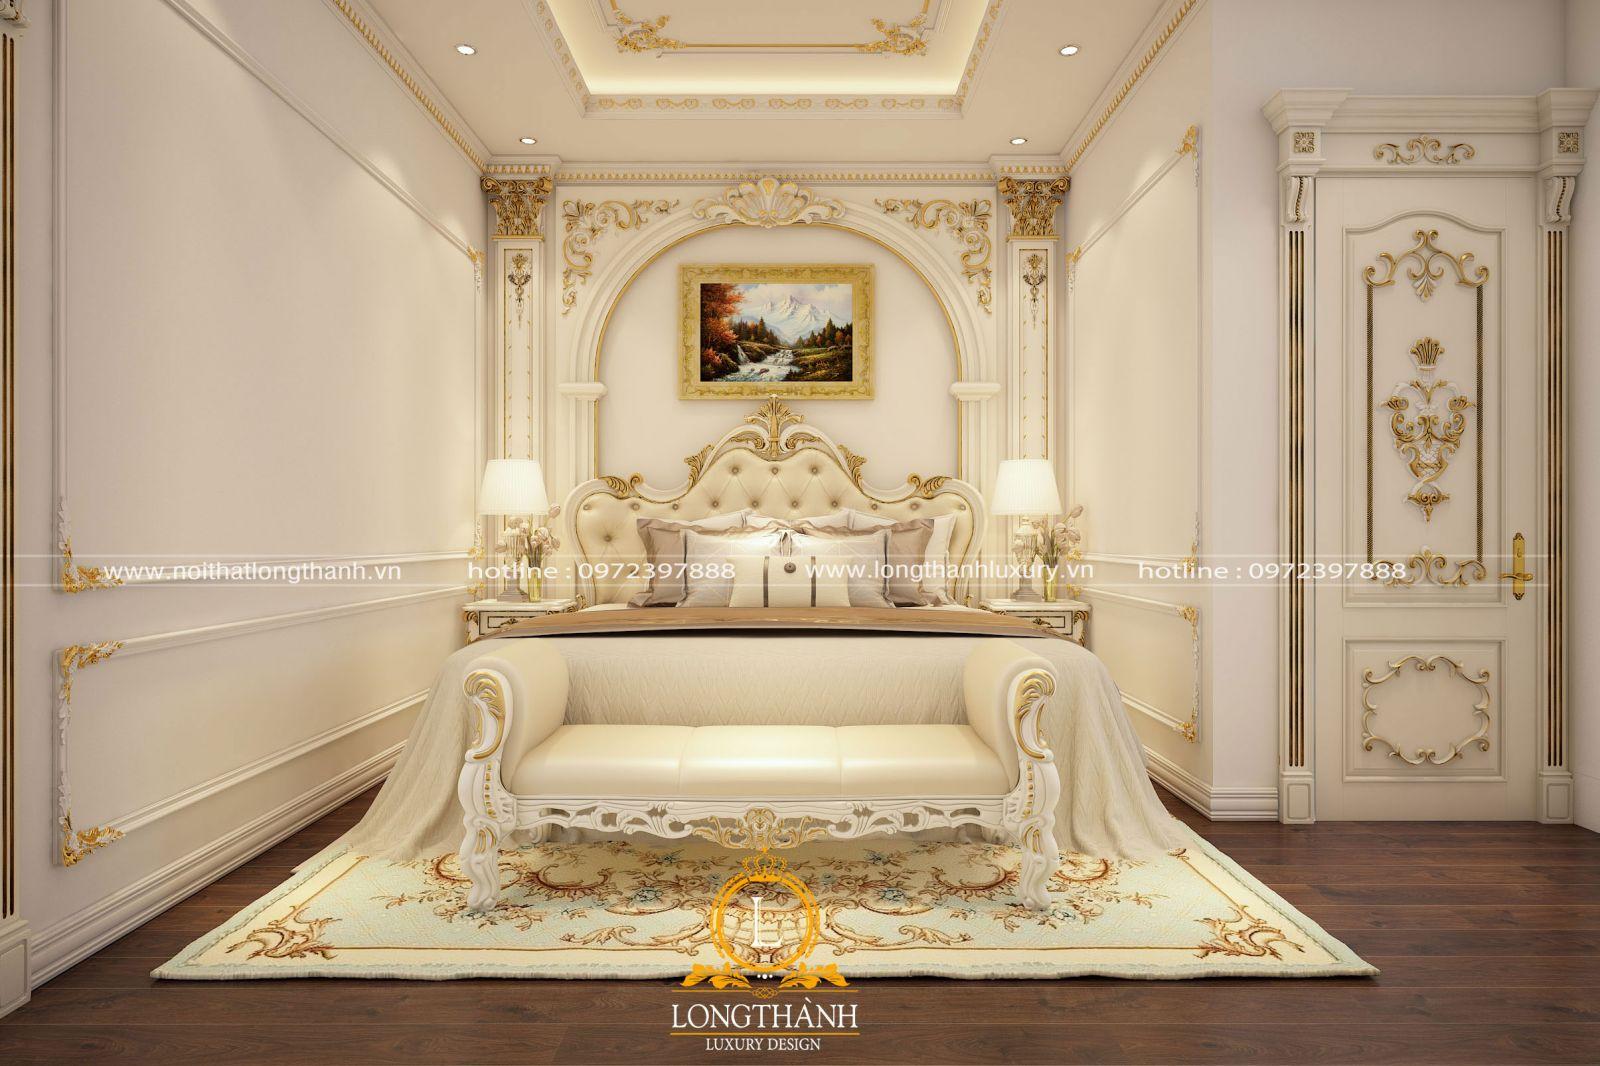 Nội thất phòng ngủ tân cổ điển nhà biệt thự đậm chất hoàng gia vương giả